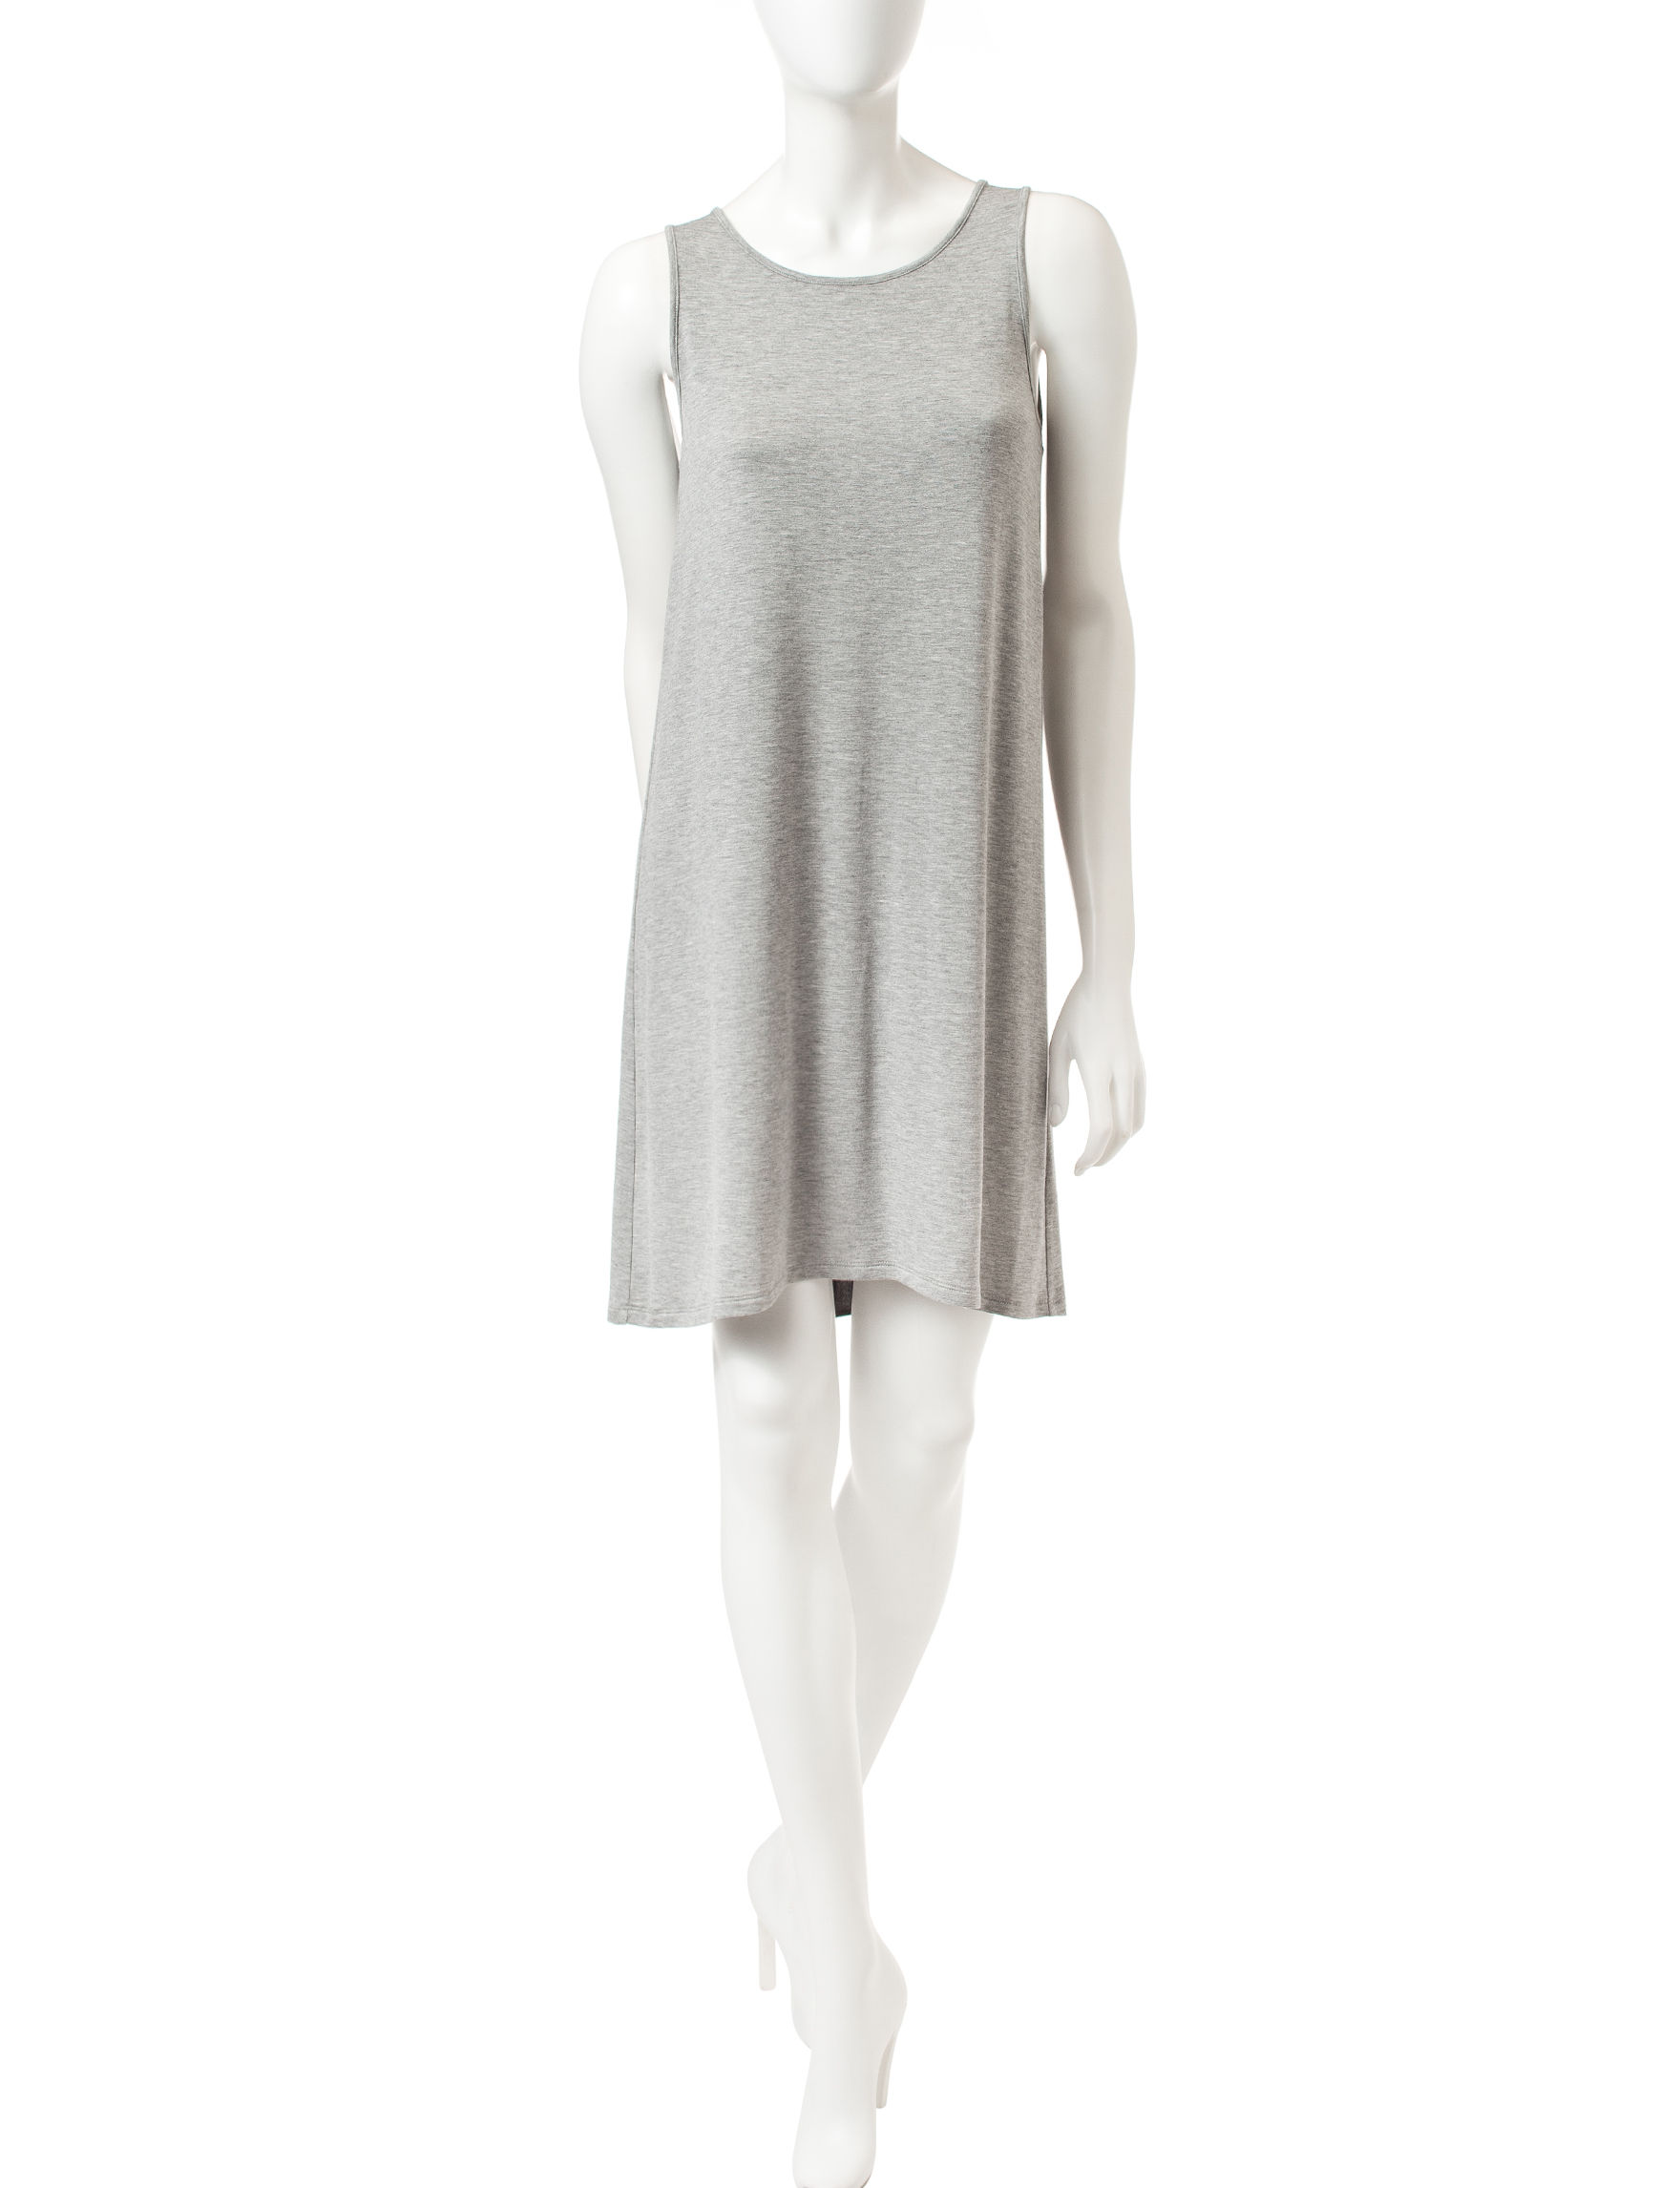 Kensie Grey / Black Sheath Dresses